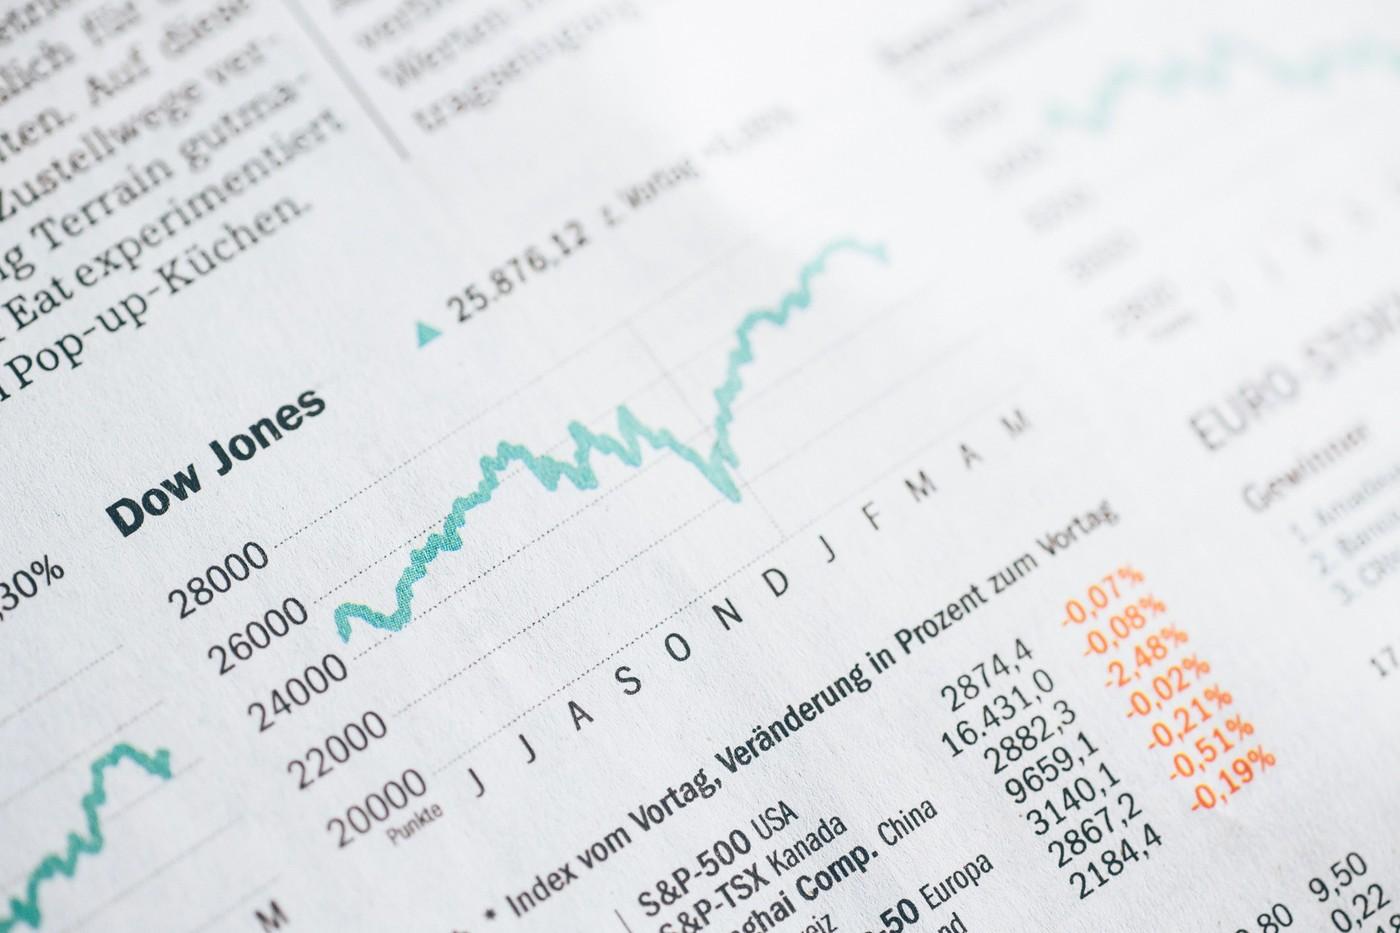 Image index Dow Jones